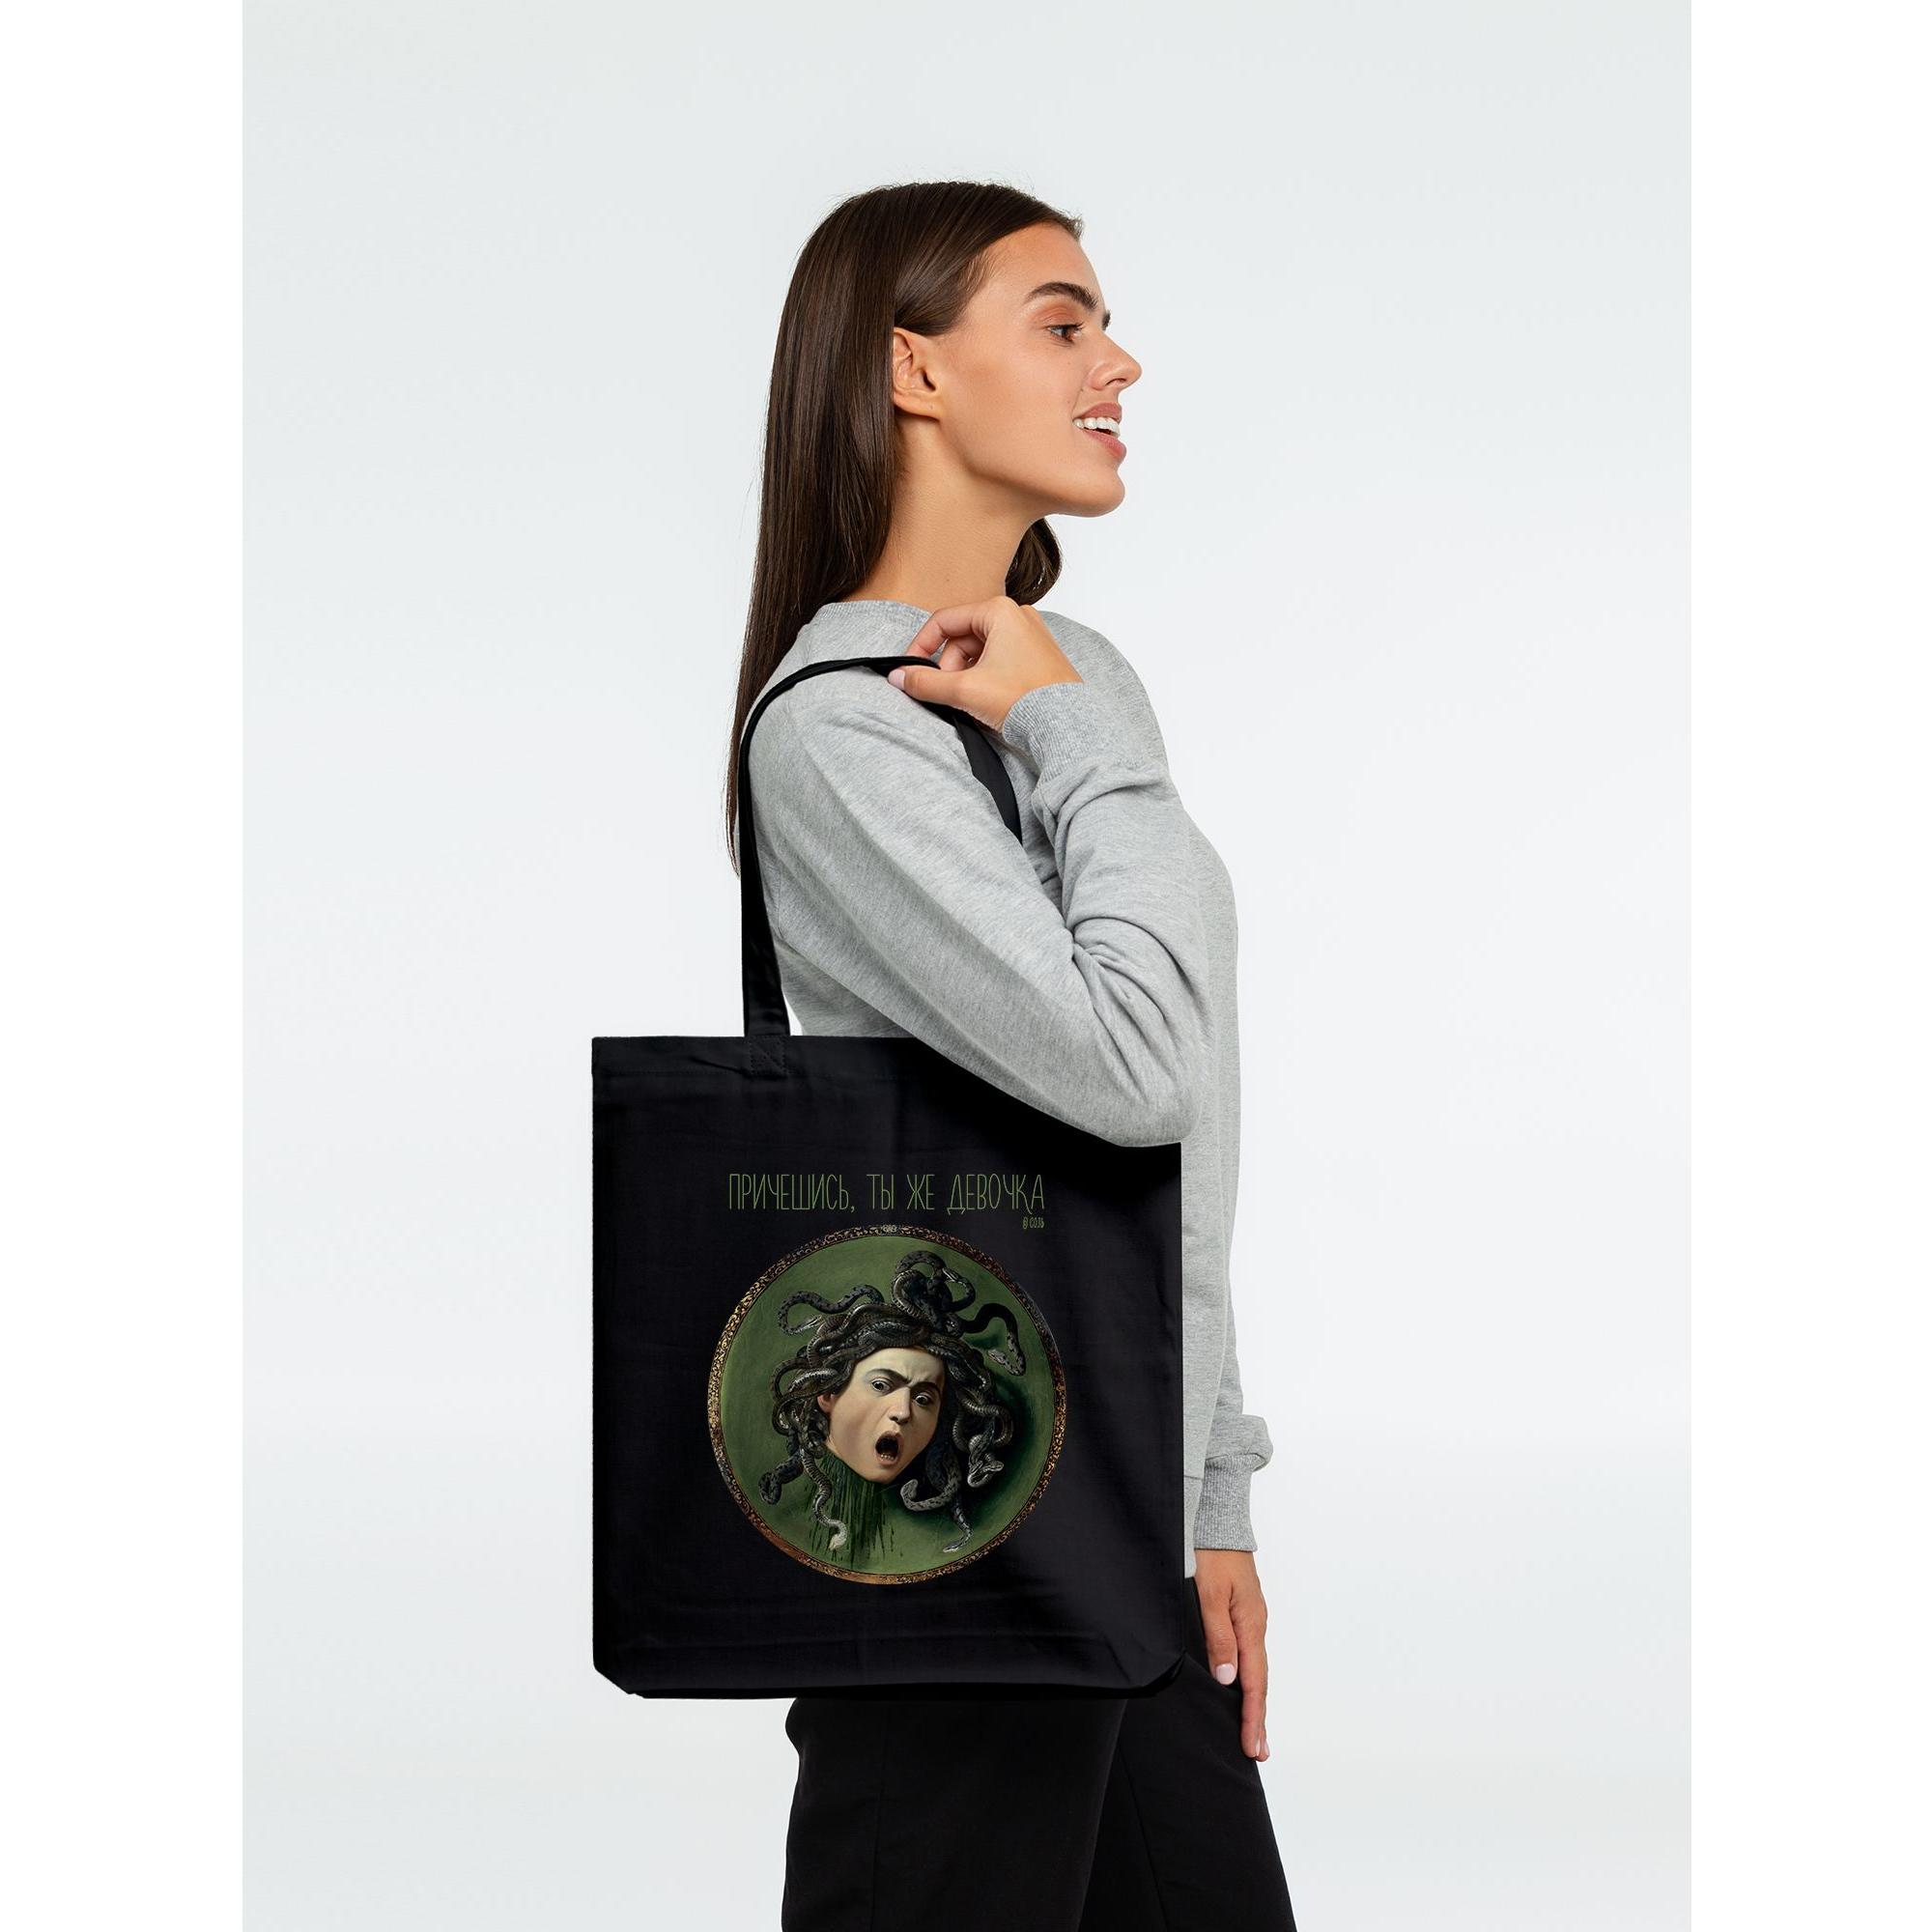 Холщовая сумка «Ты же девочка», черная фото 0